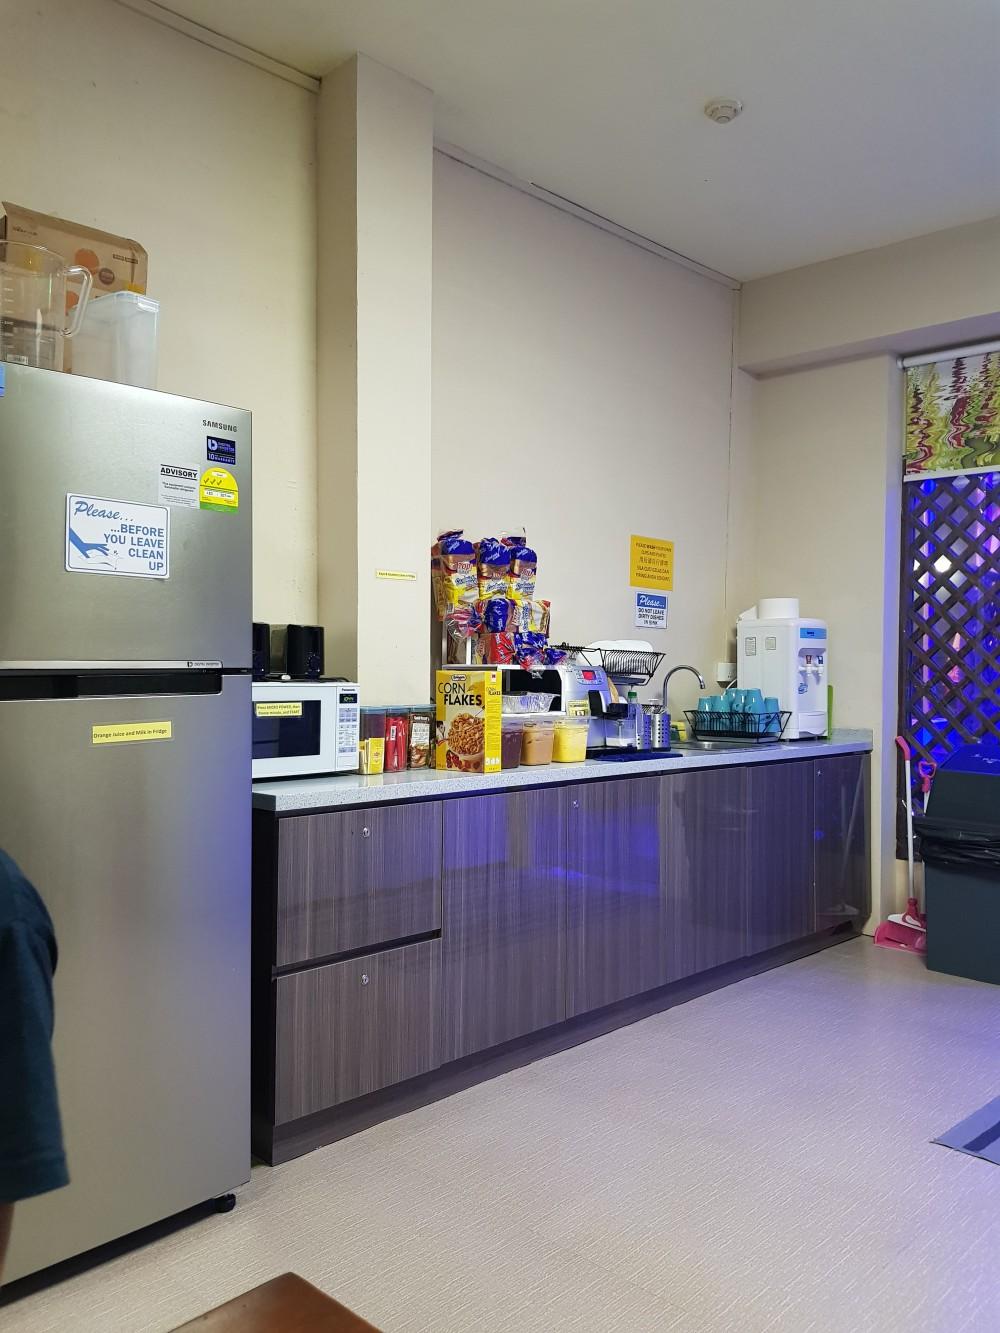 dapur di spacepod janganmenyerah review hotel bed dan breakfast